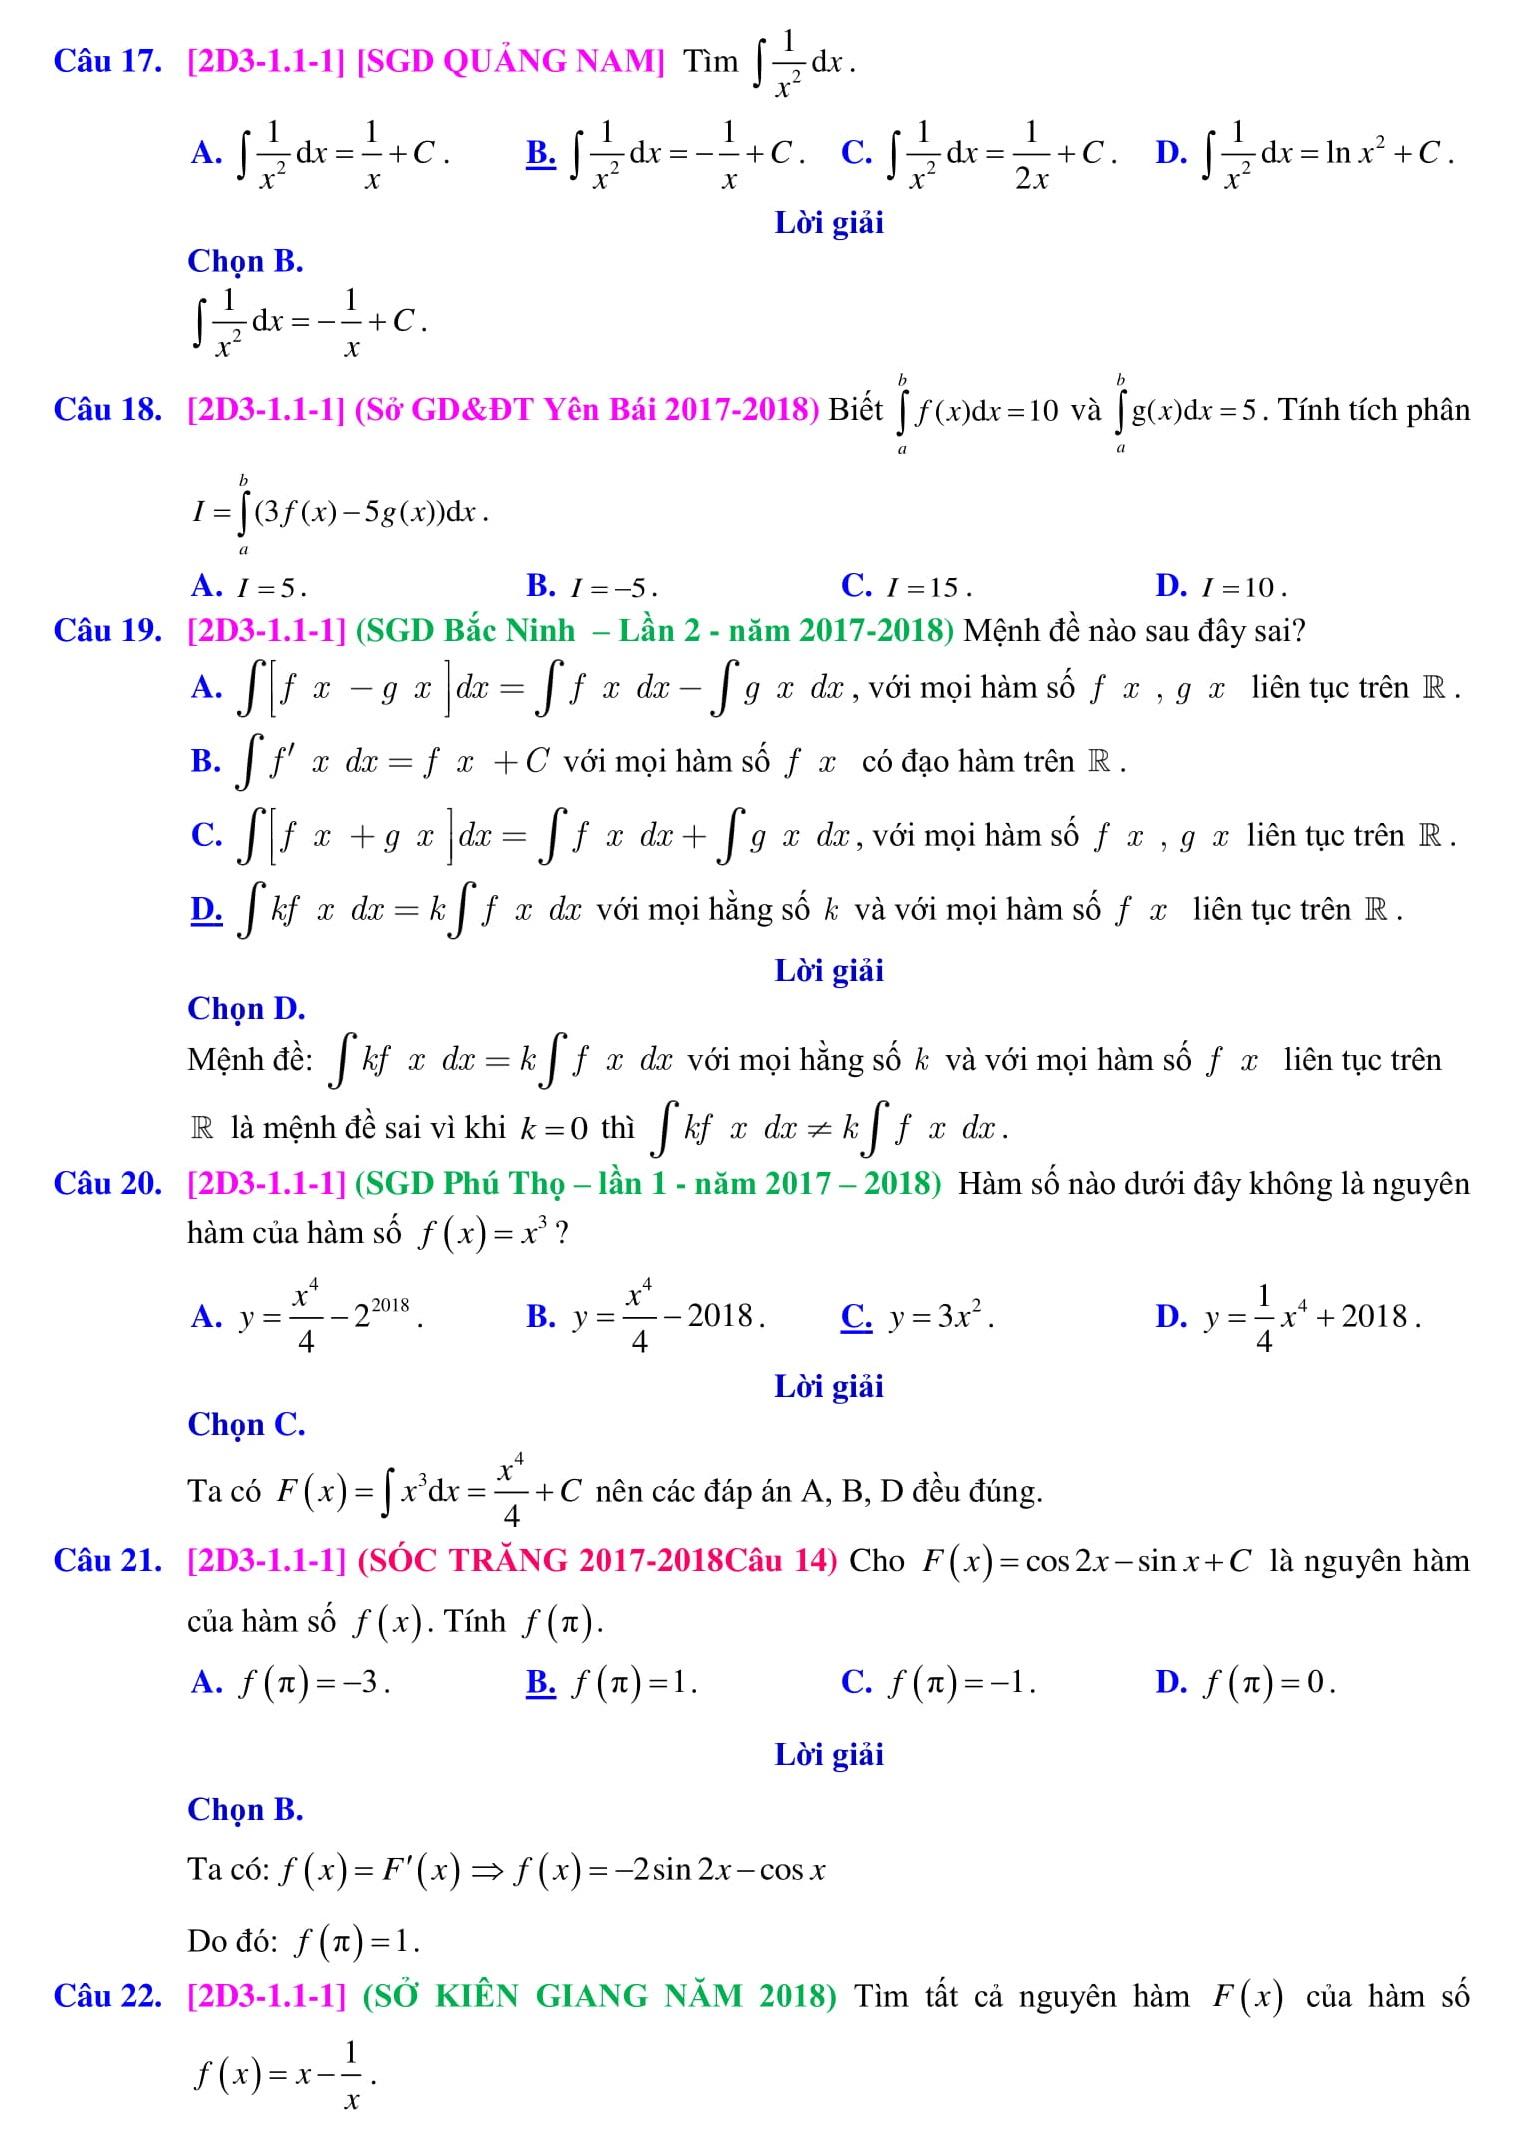 Nguyên hàm và tích phân bài tập trong đề thi - Toán 12